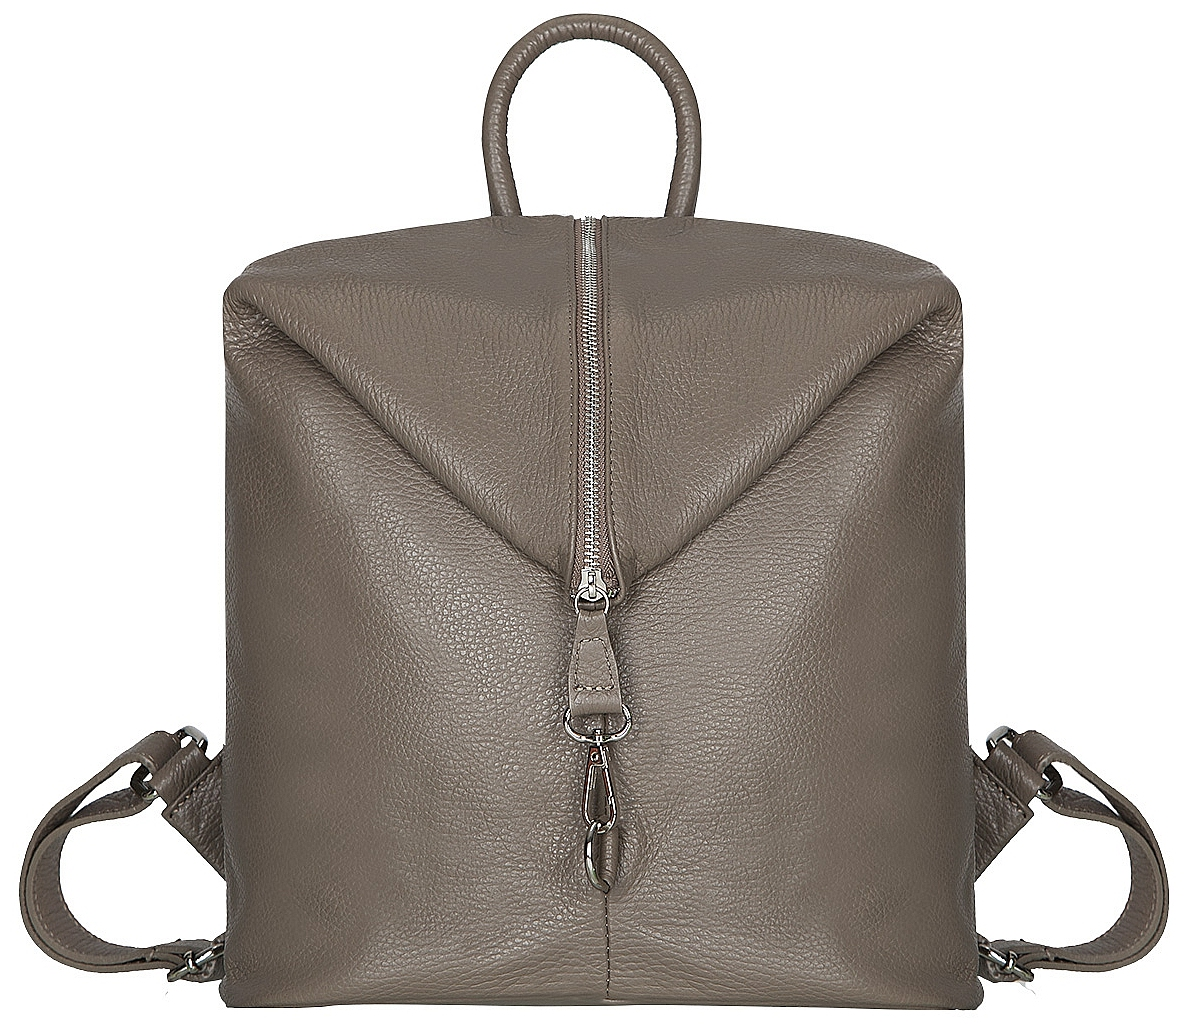 ESTELLE Dámský kožený batoh 1252 tmavě béžová